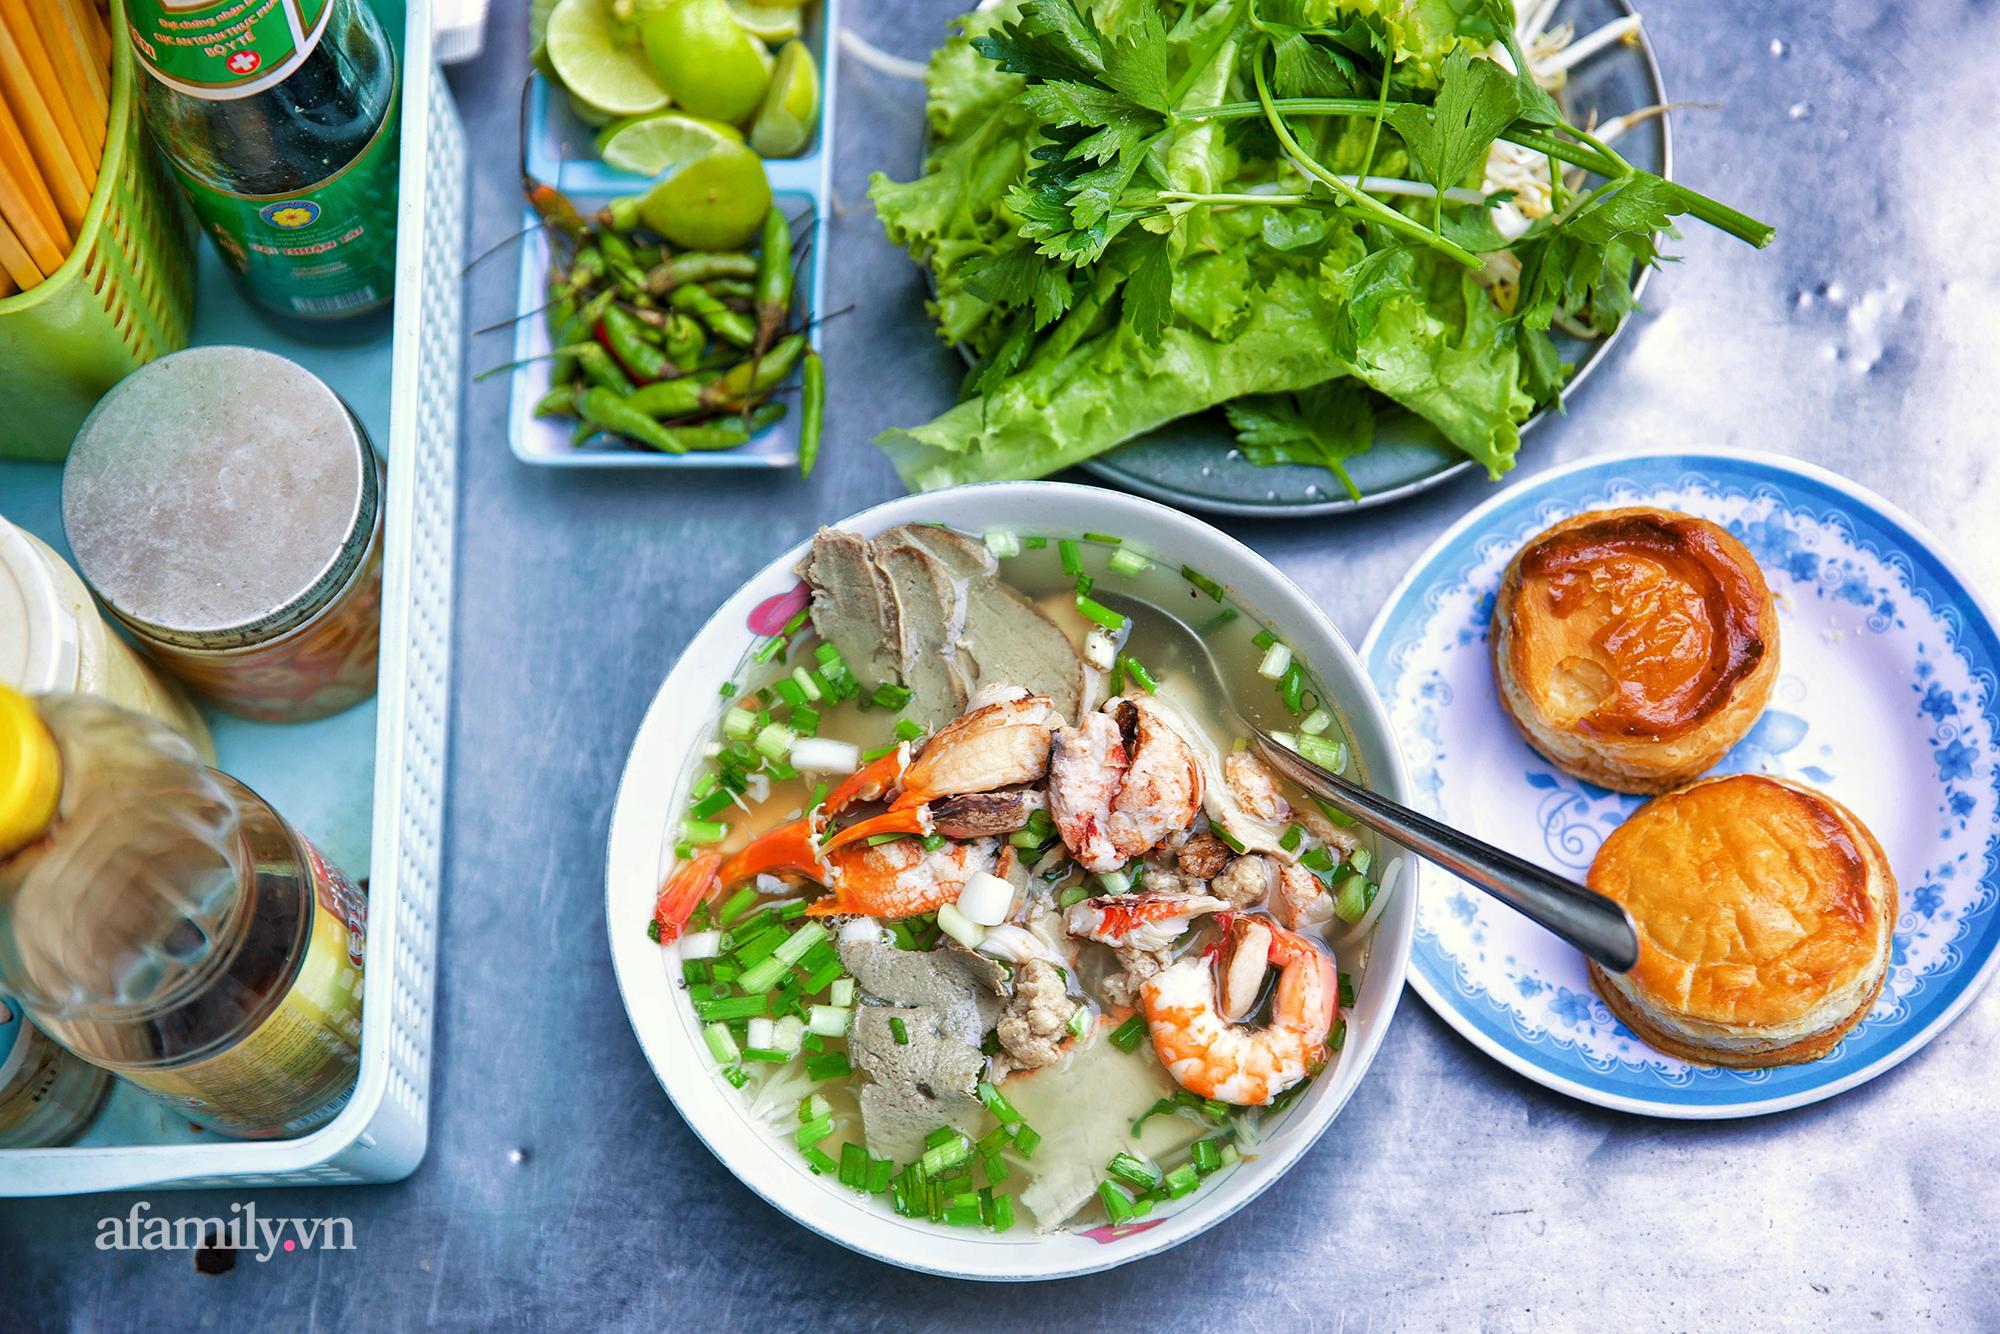 """Tiệm hủ tiếu níu kéo """"Thanh Xuân"""" hơn 70 năm của người Sài Gòn, nổi tiếng với nồi sốt cà chua hầm 3 đời và sở hữu tấm bảng hiệu được """"định giá"""" nghìn đô! - Ảnh 1."""